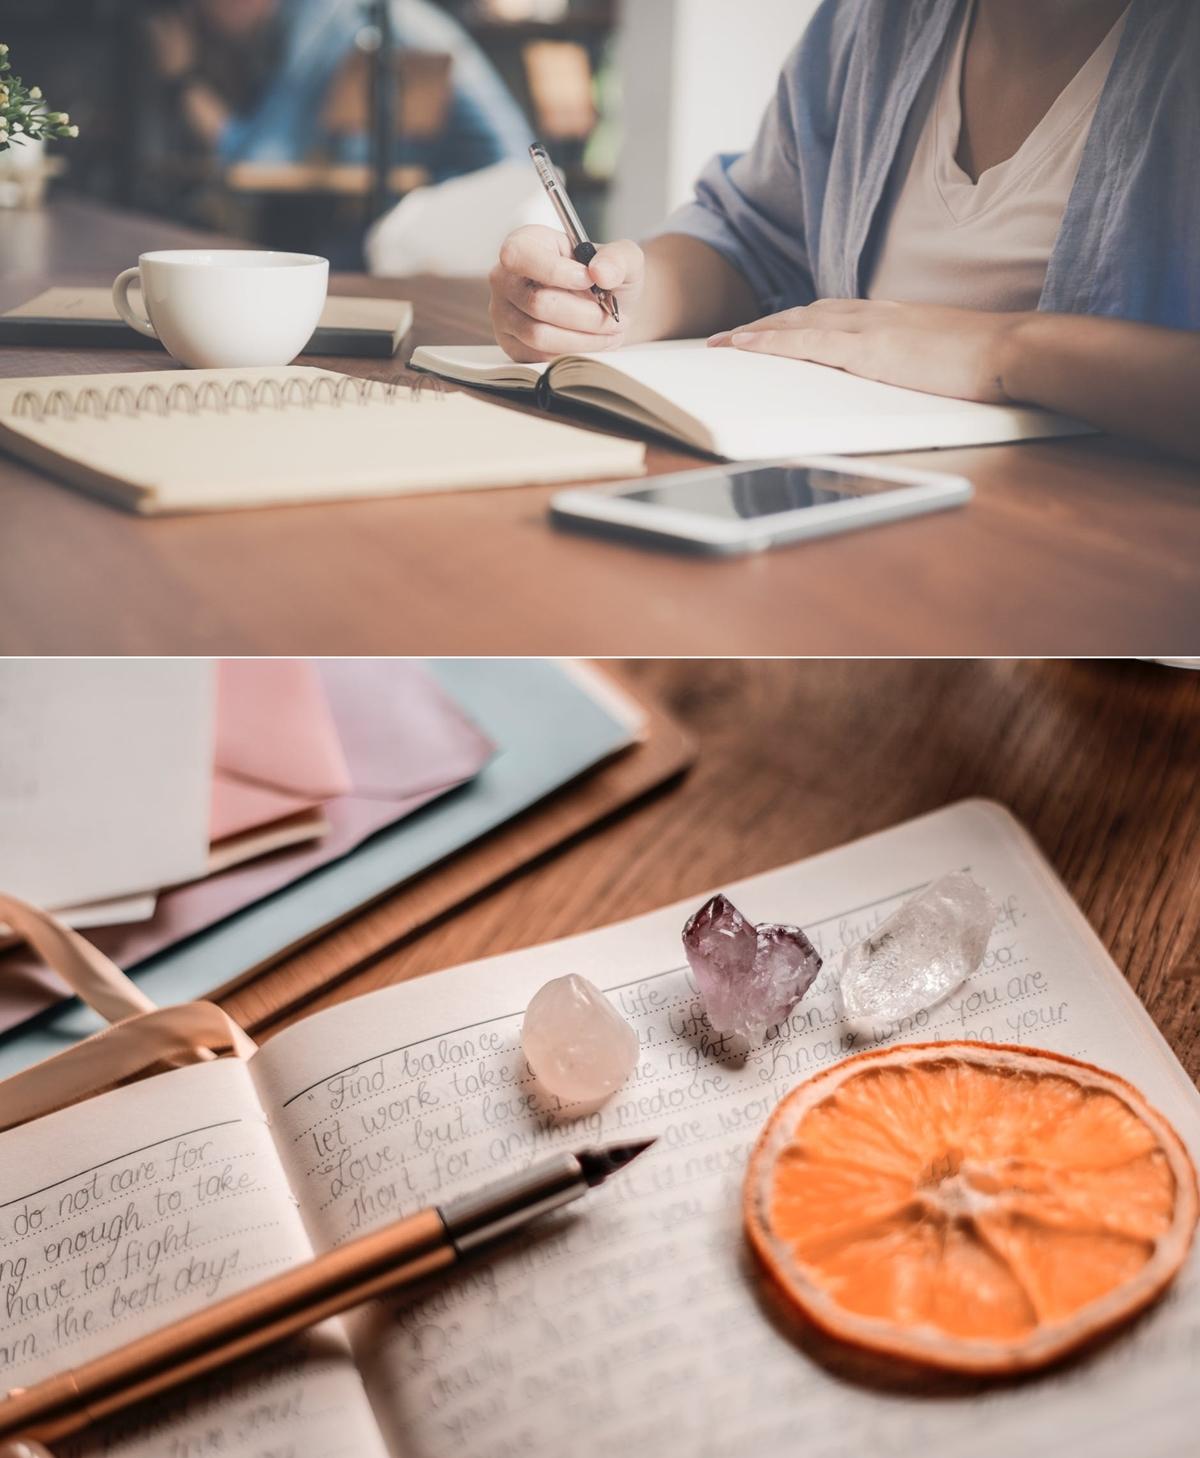 writing a journal to de-stress